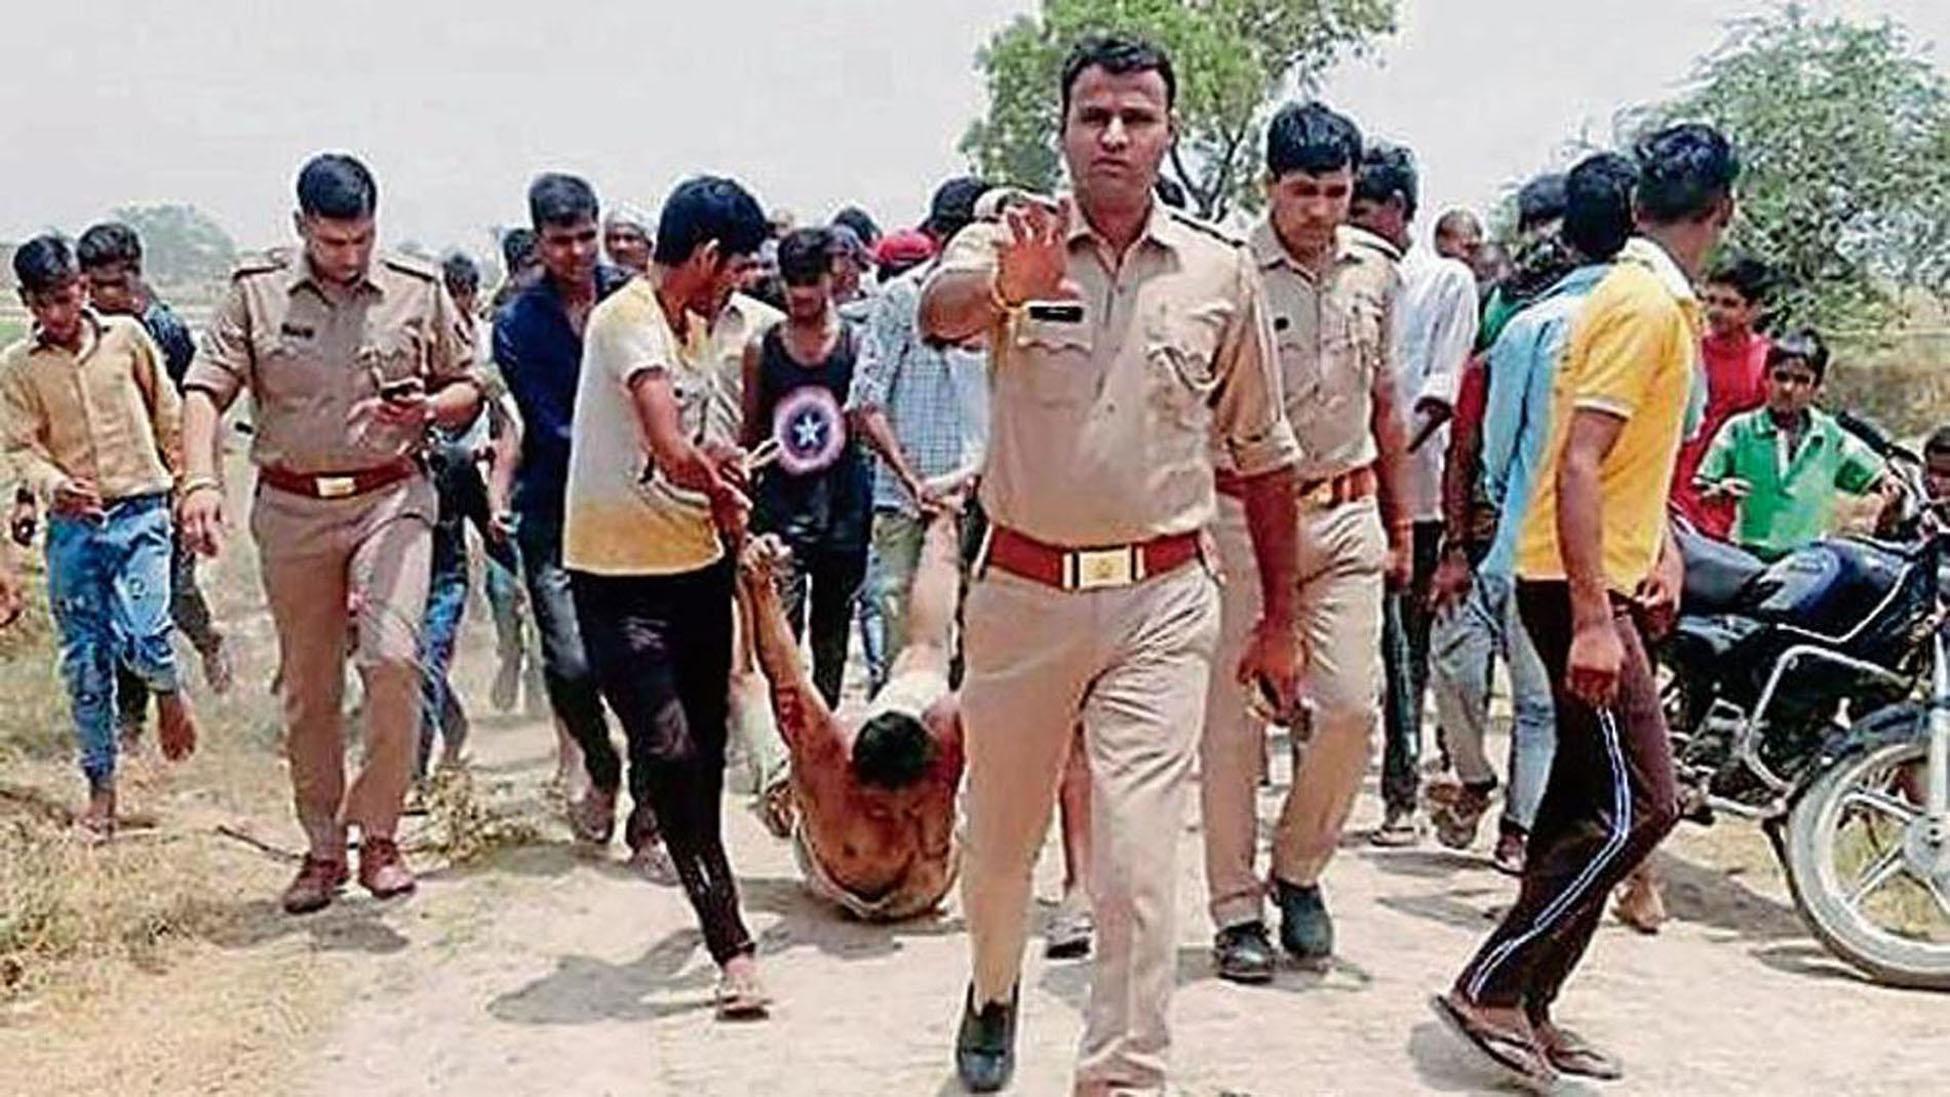 50% पुलिसवालों का मानना है कि मुसलमान क्रिमिनल्स होते हैं : एक रिपोर्ट।